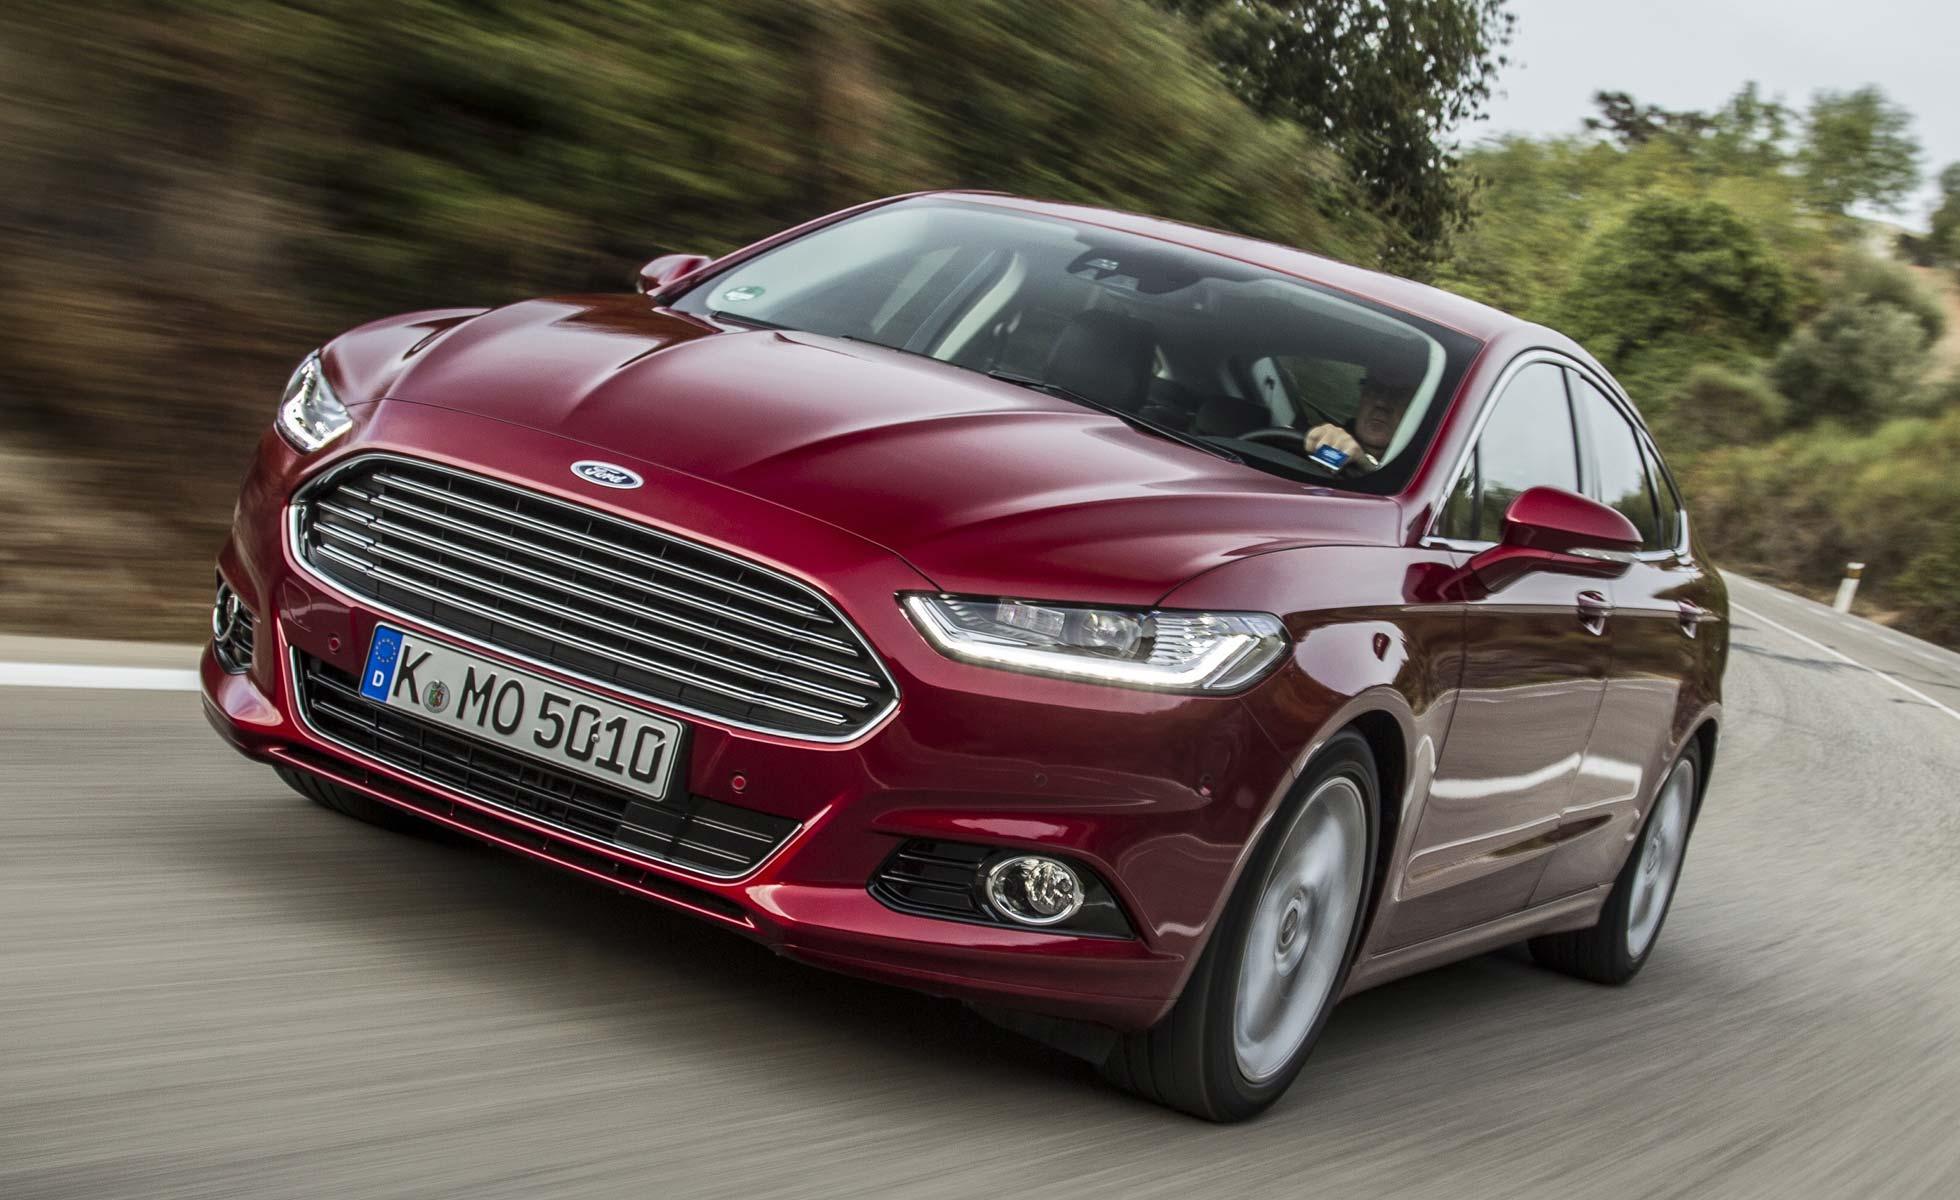 2015 Ford Mondeo Fiyat Listesi | Uygun Taşıt